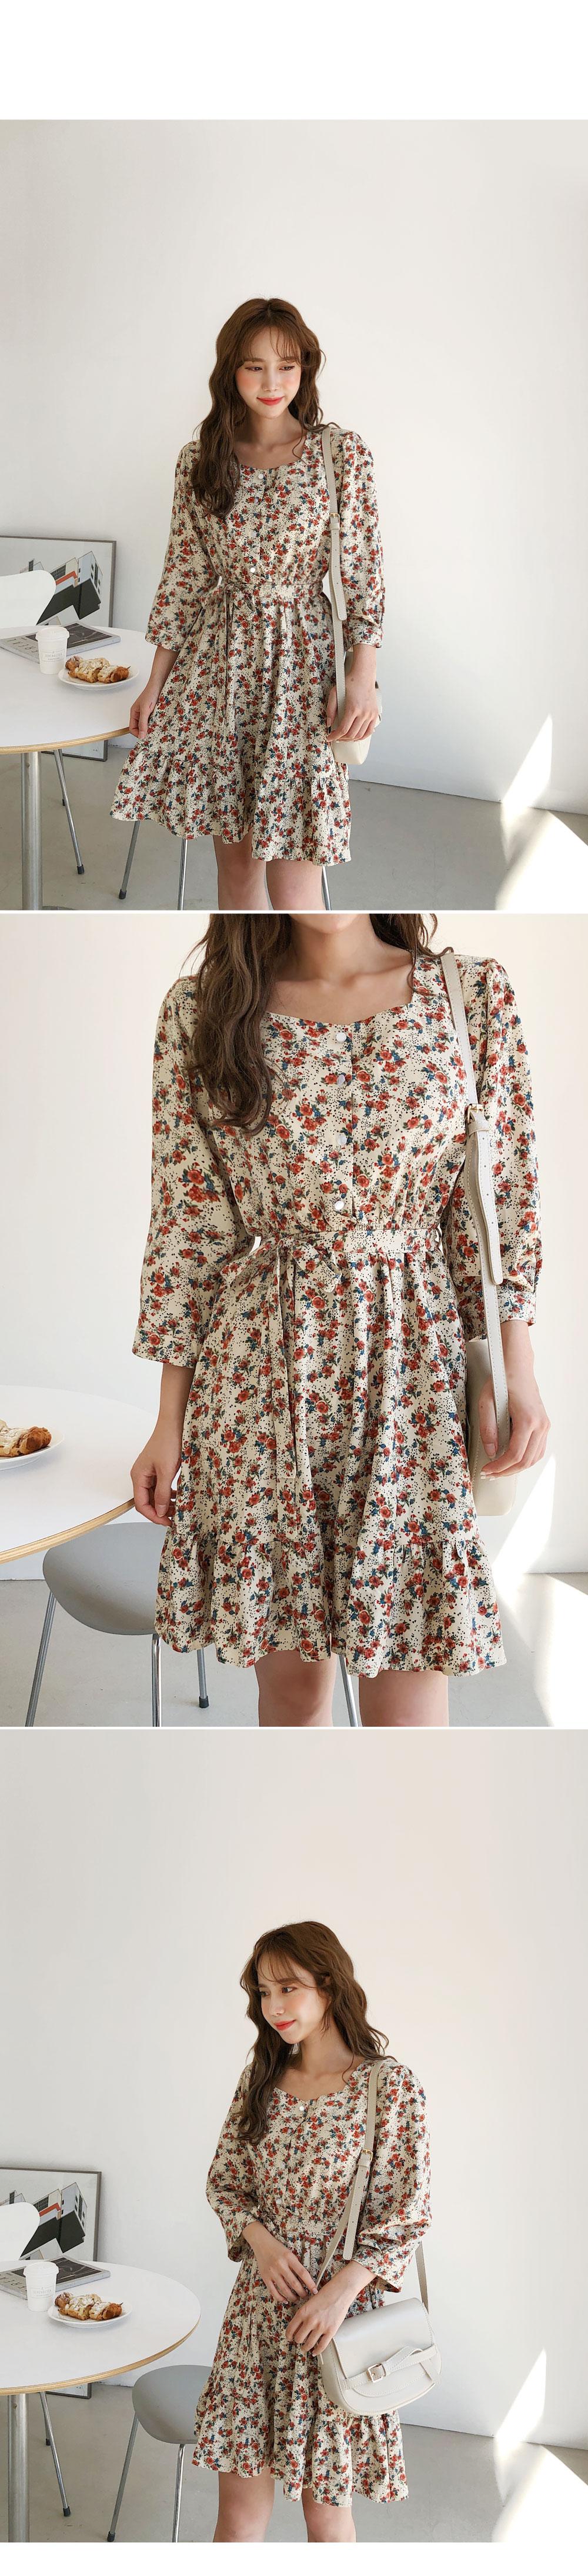 Pretty world full dress